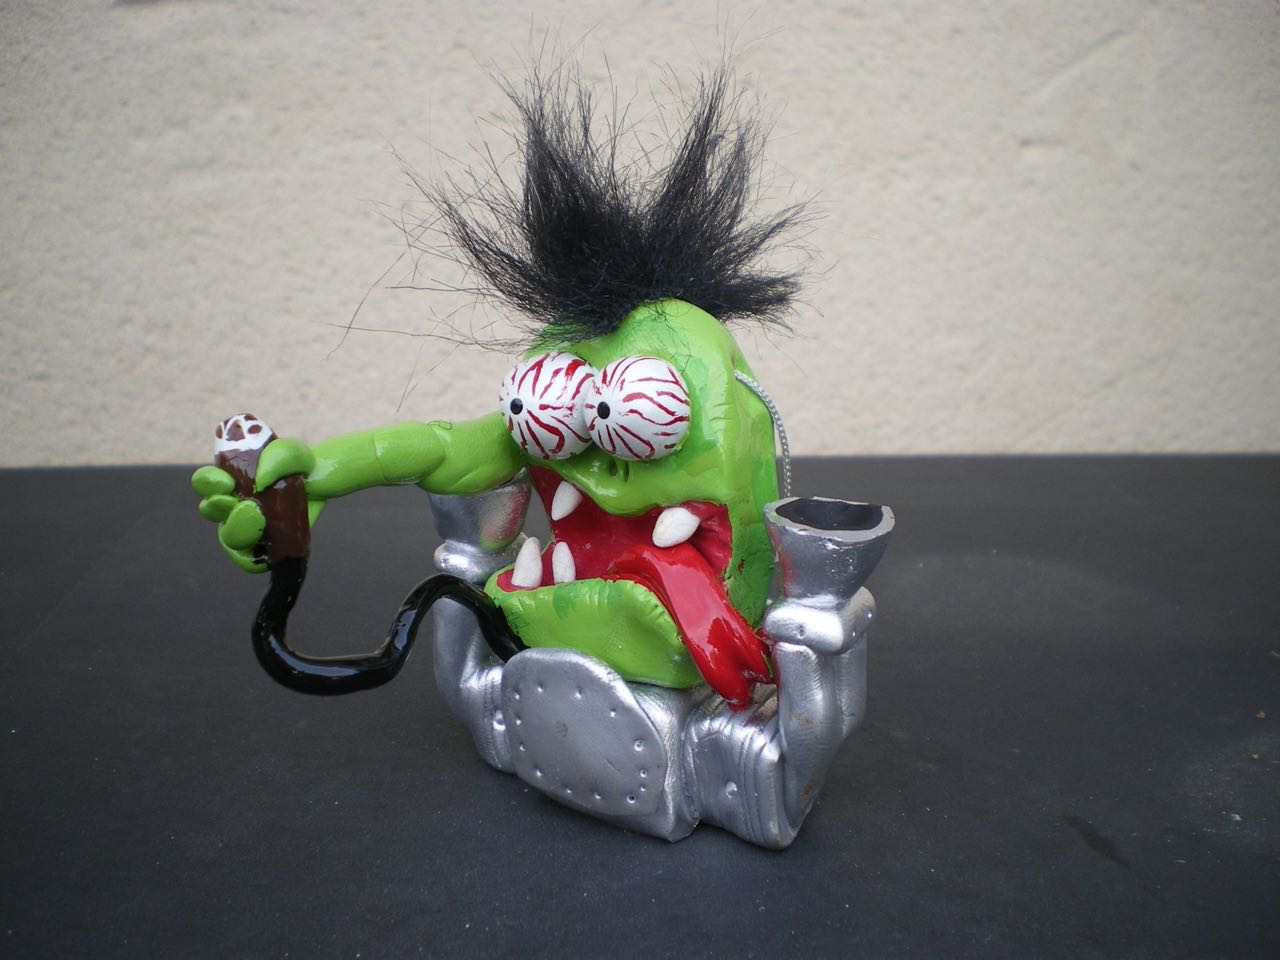 #Petrolhead : Funny Monsters - Délire ! 5